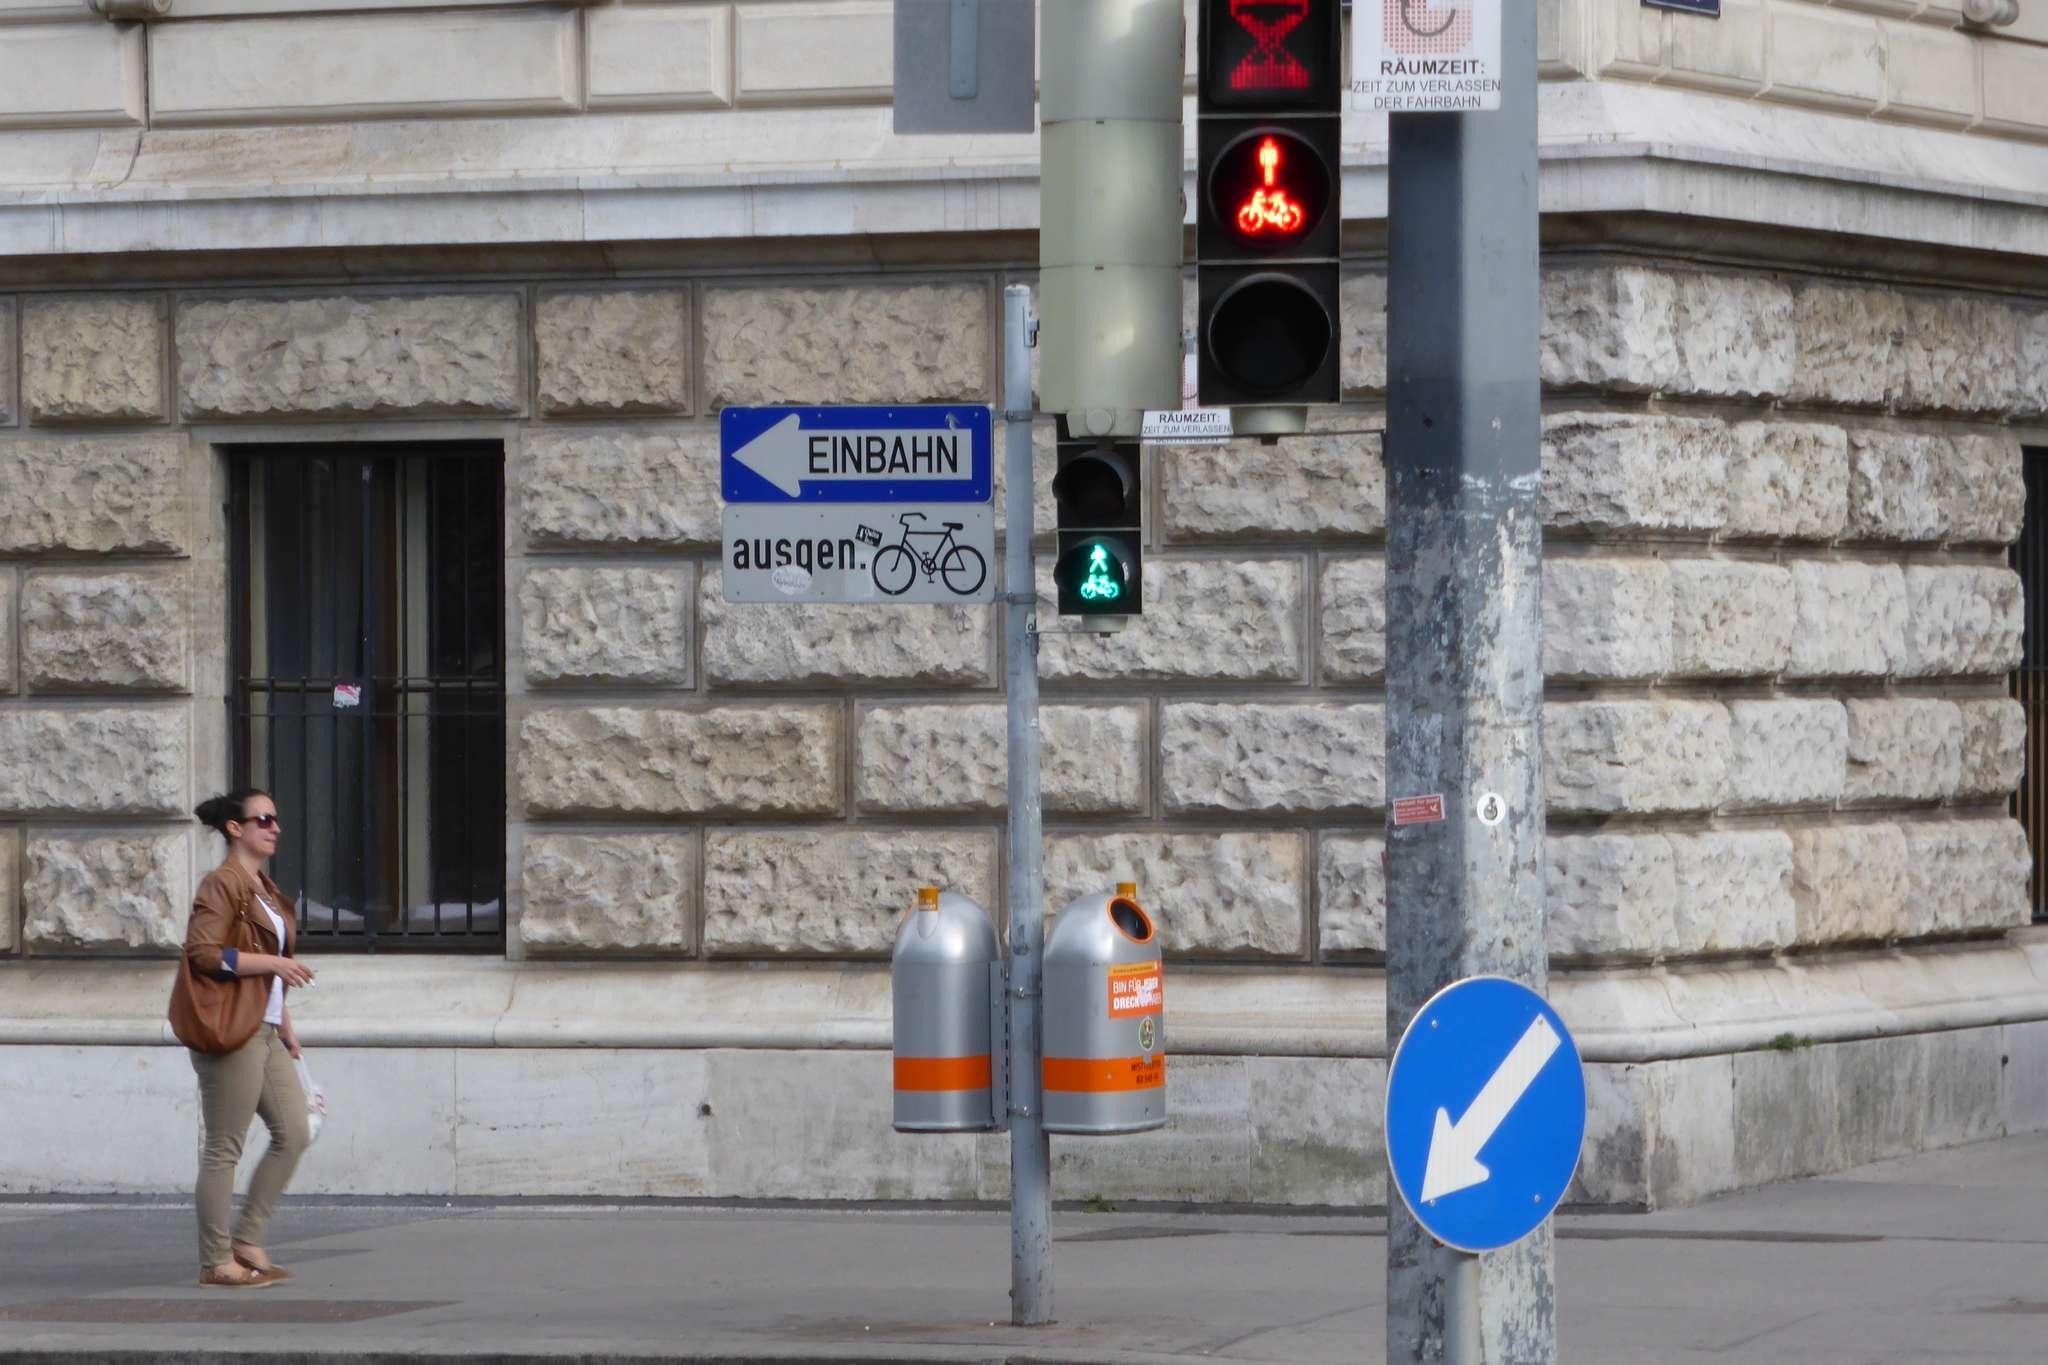 Możliwość jazdy rowerem drogą jednokierunkową pod prąd to powszechnie stosowane rozwiązanie w Wiedniu.